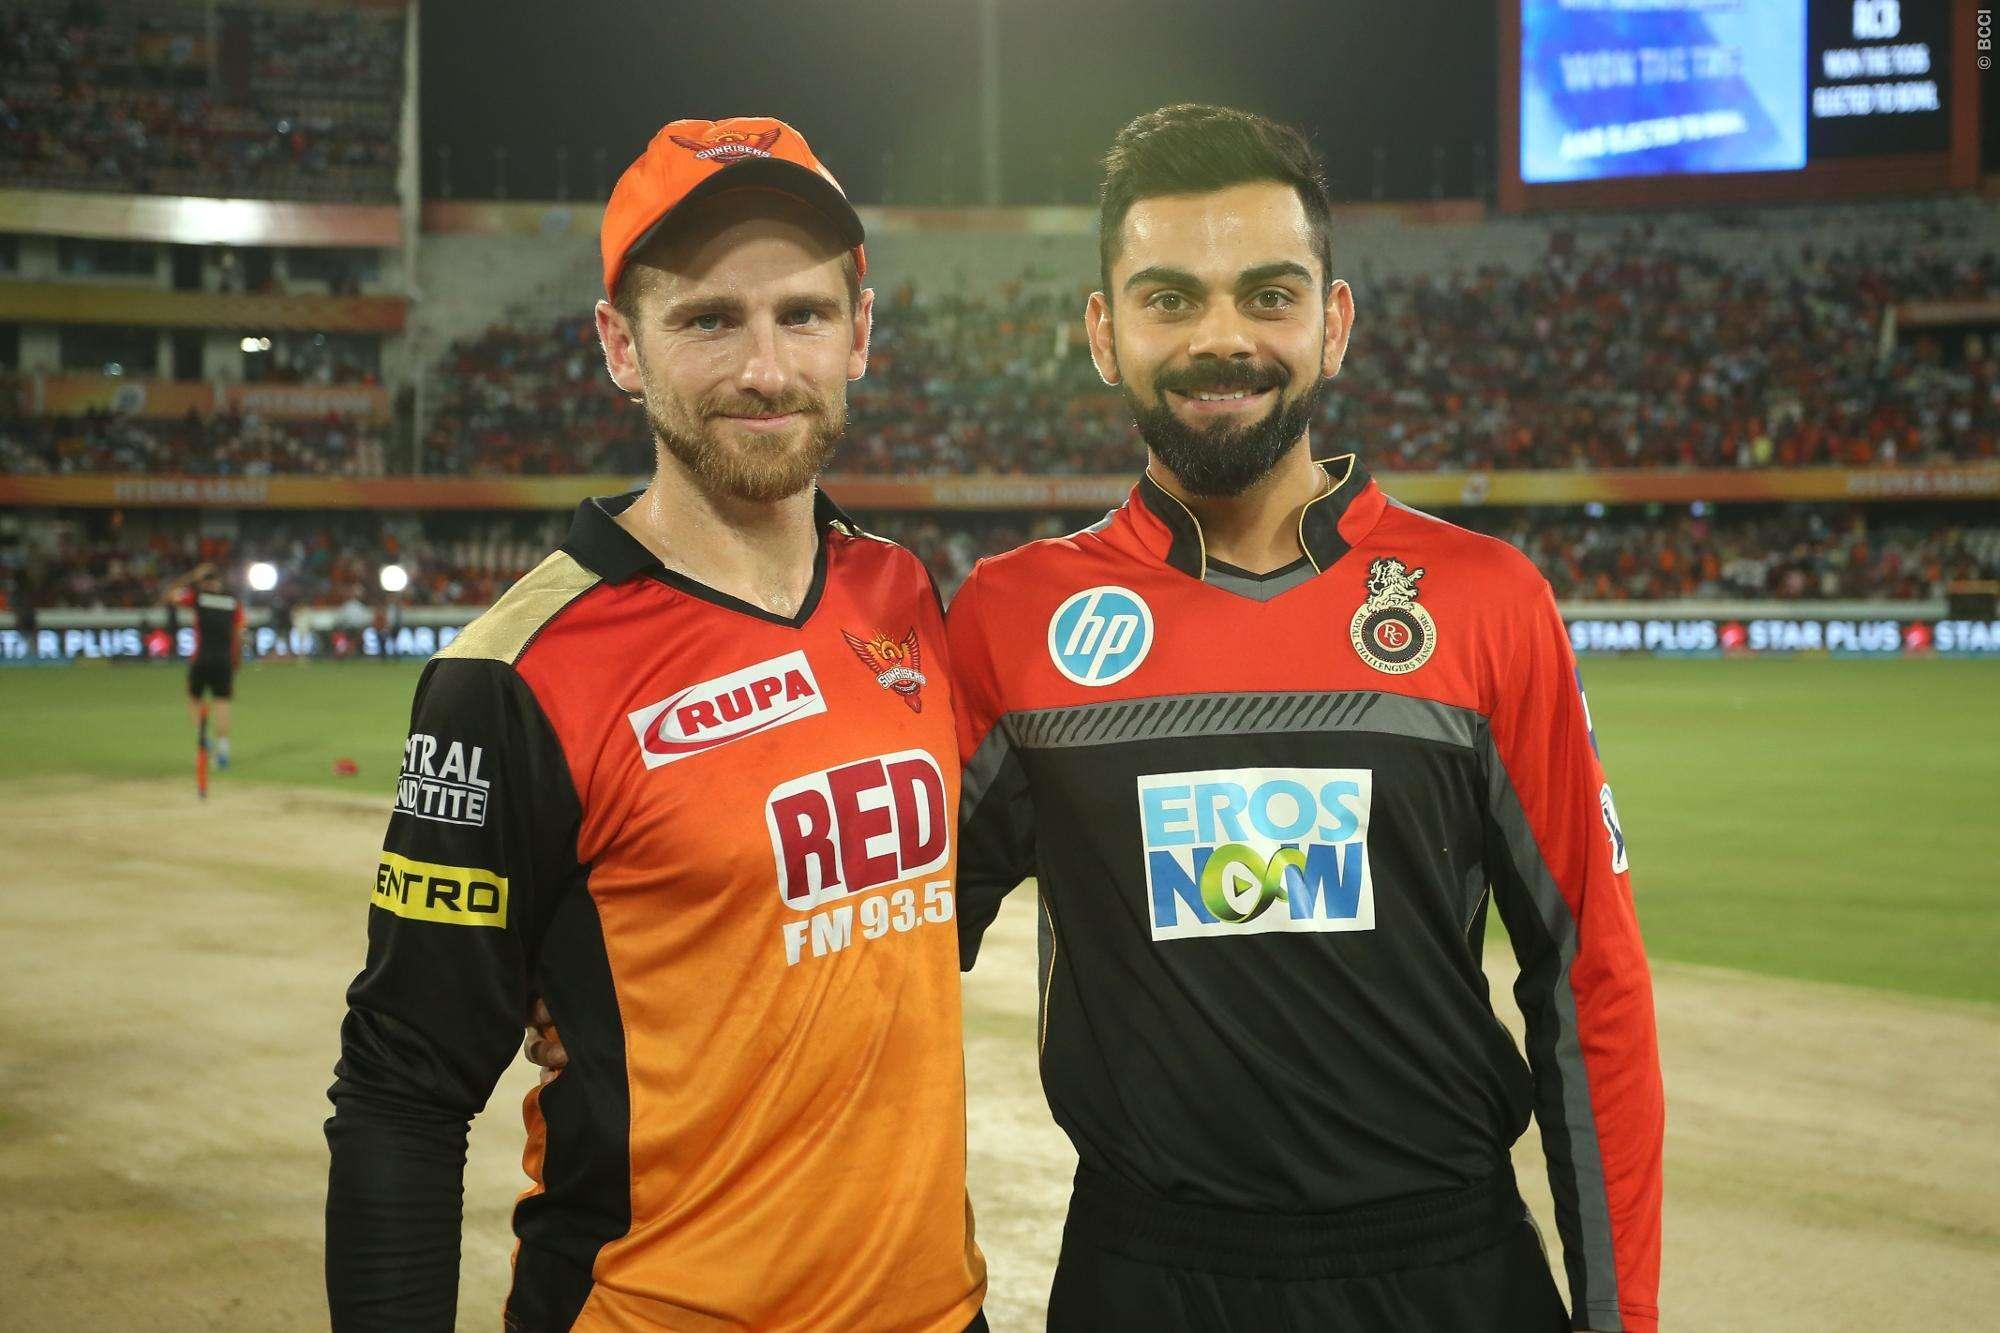 IPL 2020, RCB vs SRH : धाकड़ खिलाड़ियों के साथ उतरी आरसीबी, देखें दोनों टीमों की  Playing 11